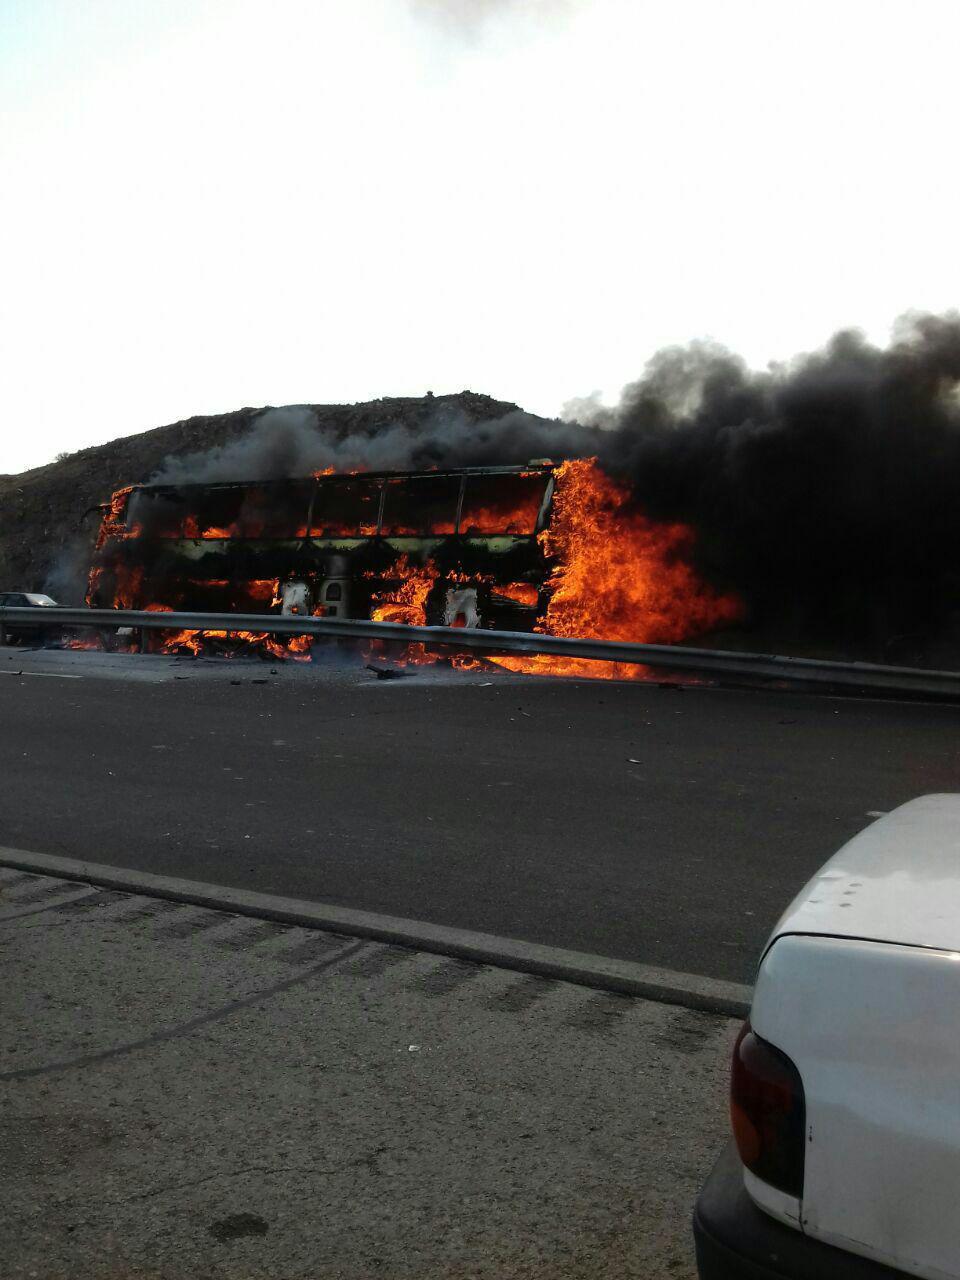 آتش گرفتن اتوبوس مسافربری در جاده تهران - قم (+عکس)